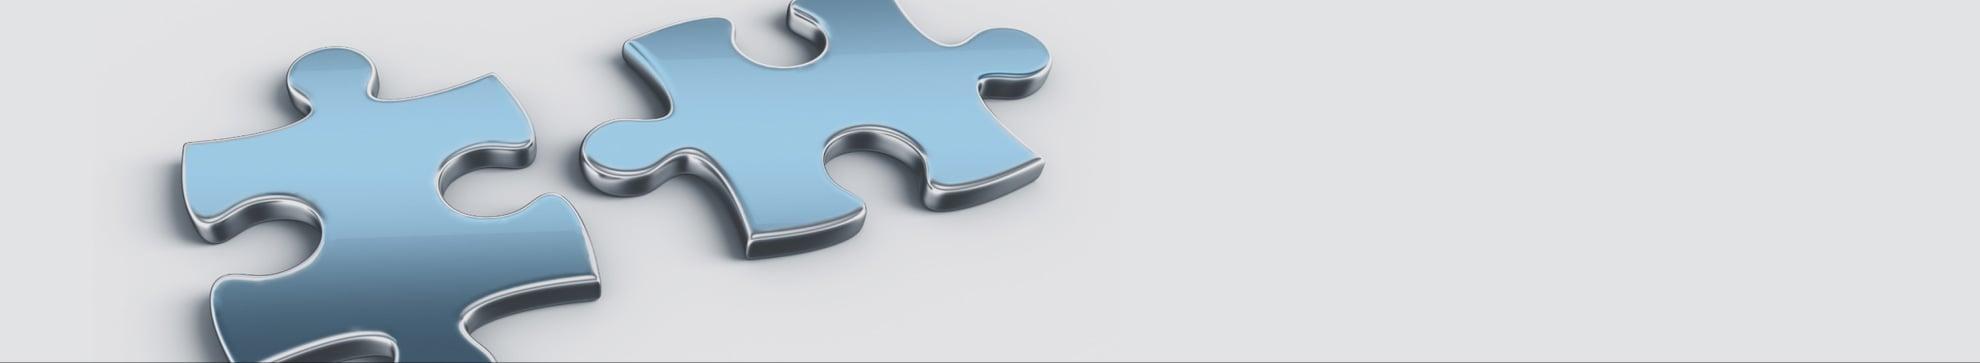 puzzle_pieces_light_blue-2-(1)-1